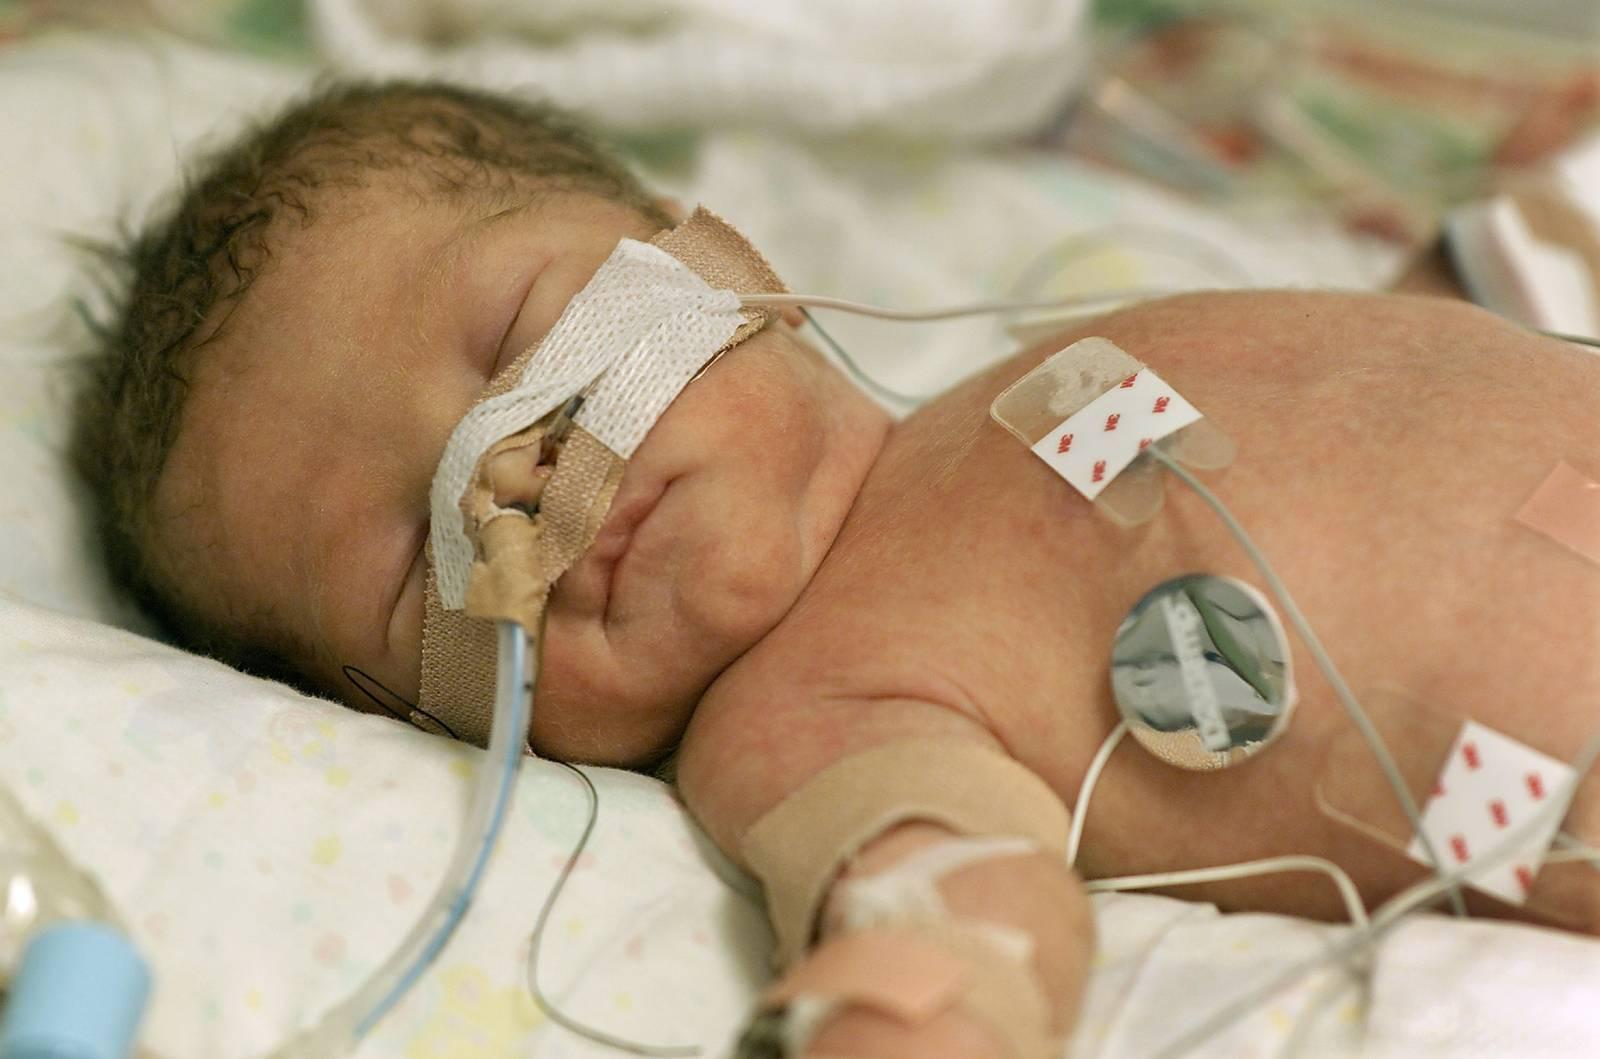 Гипоксия у новорожденных - что это, причины, симптомы, последствия и лечение